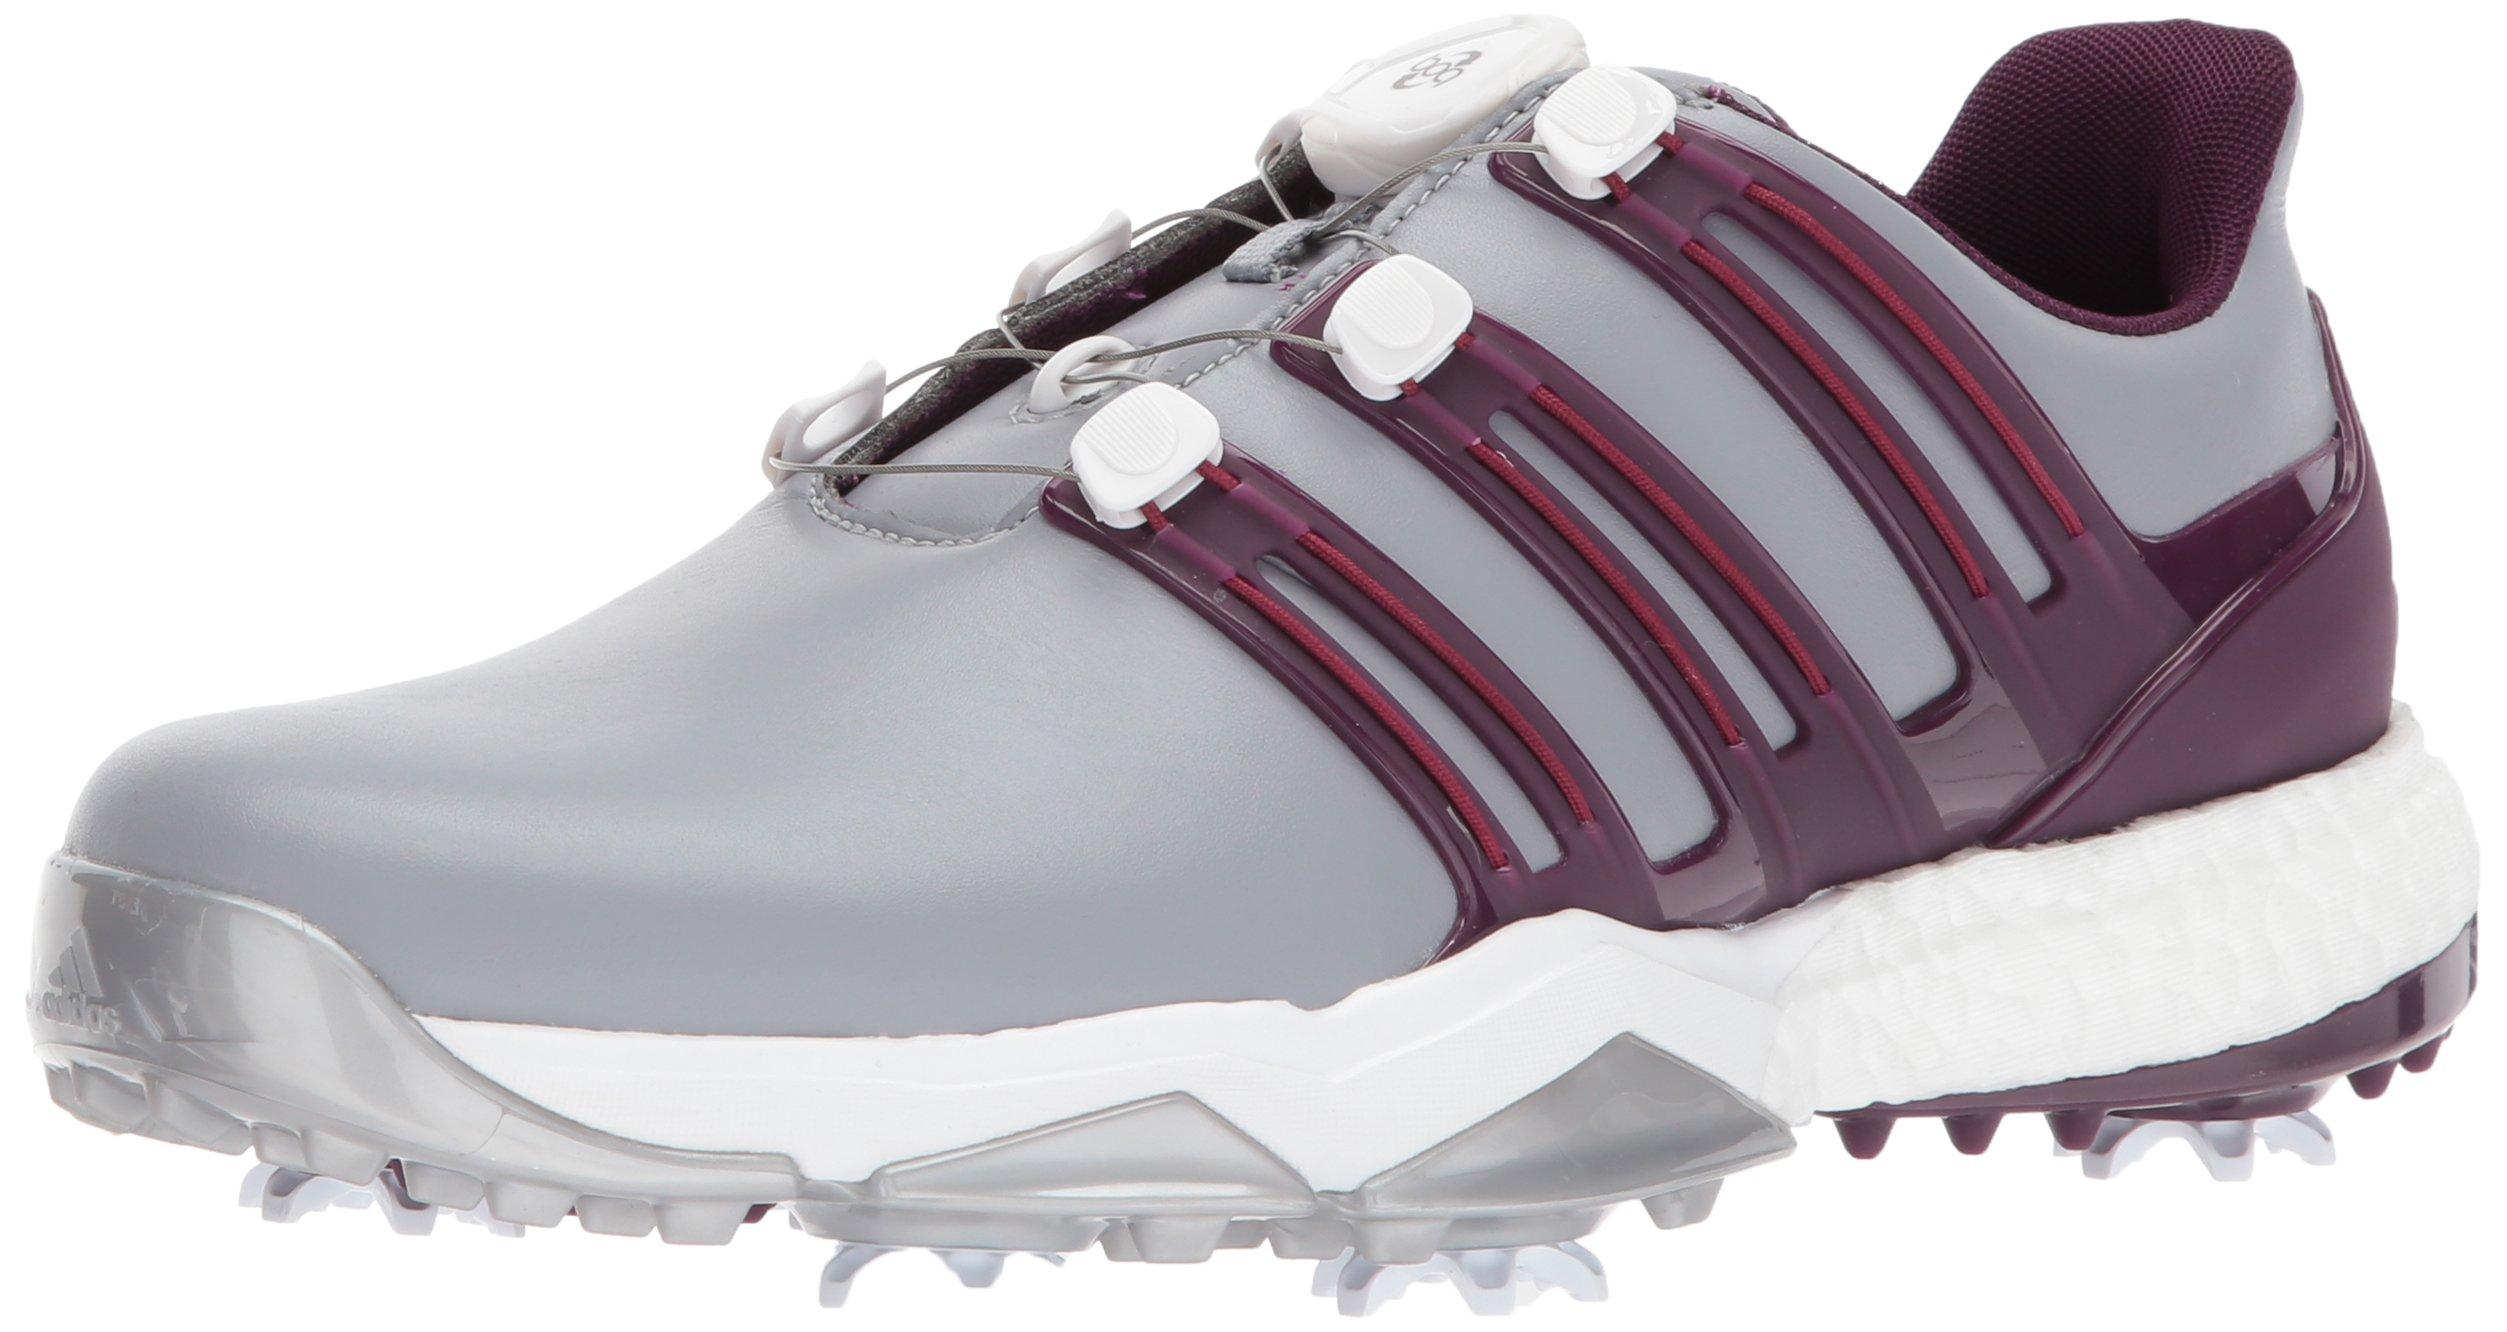 Adidas Powerband BOA Boost Golf Shoe, Mid Grey/Red Night/Mystery Ruby, 15 M US by adidas